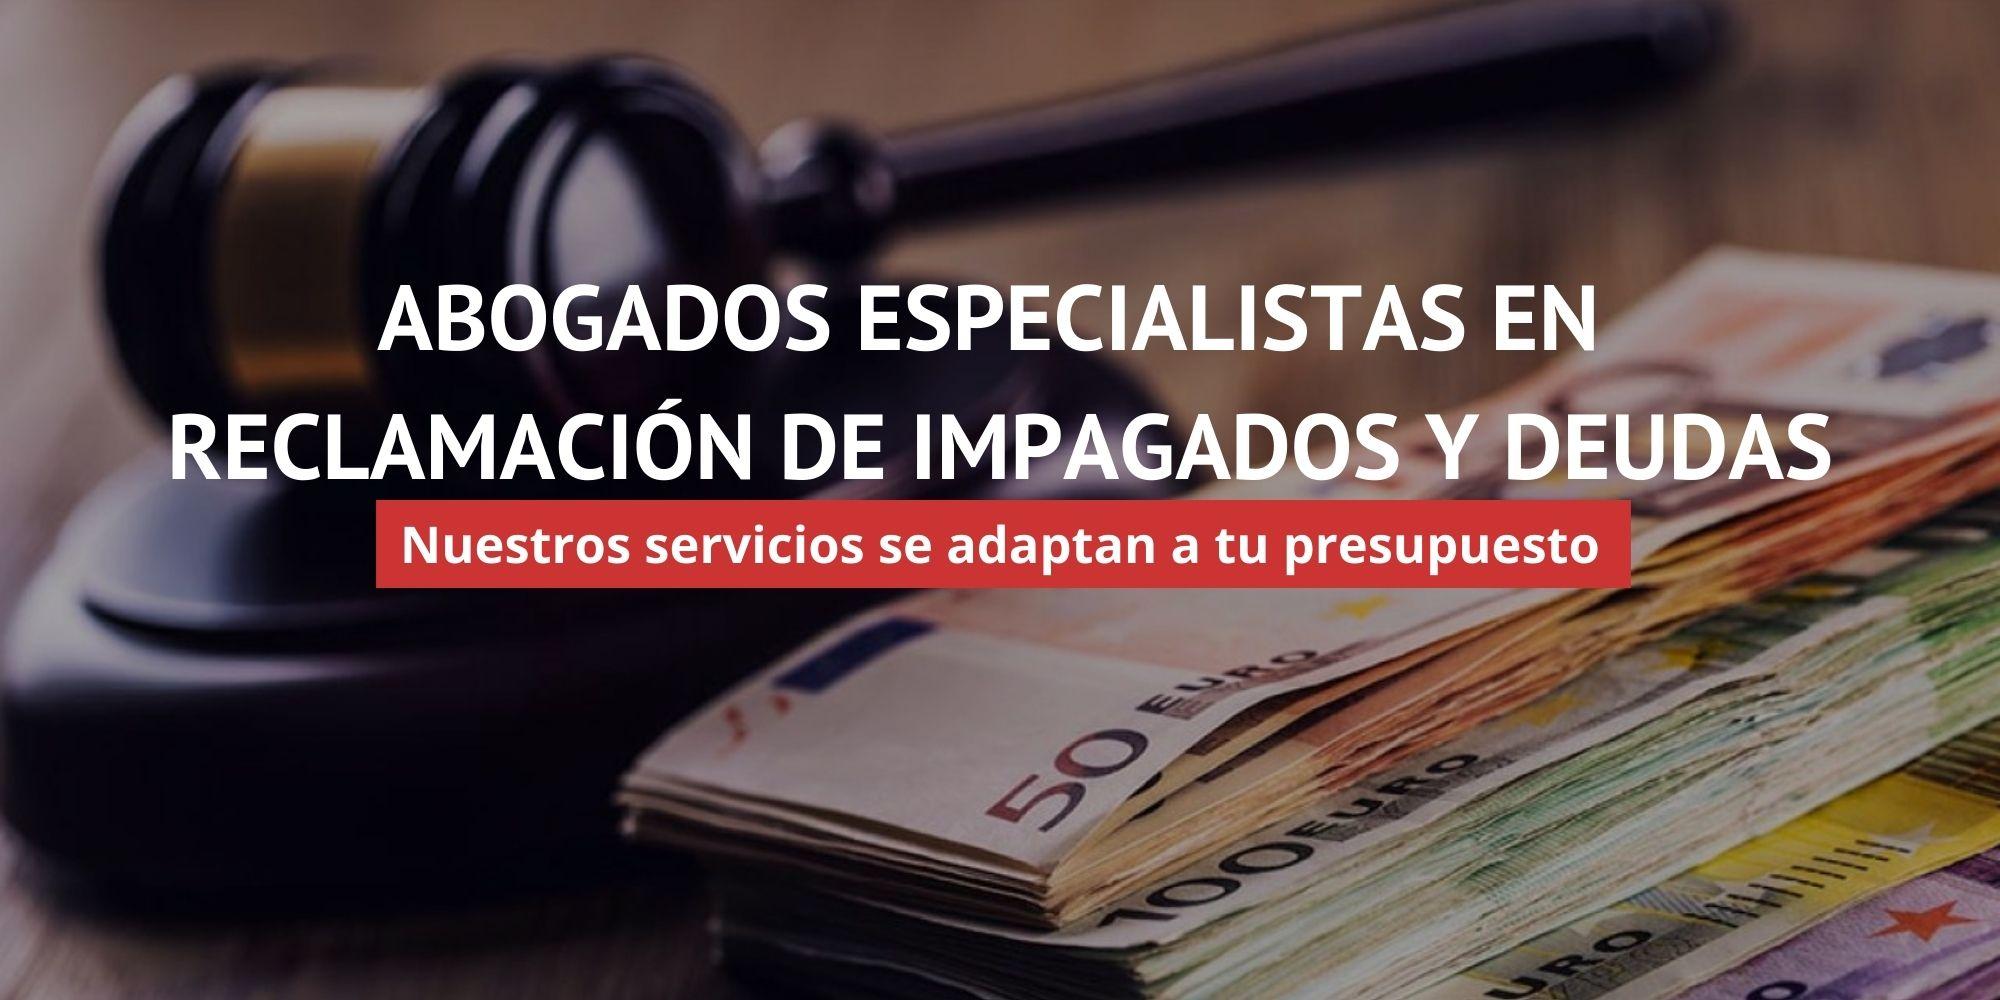 Abogados Reclamación de Impagados y Deudas Murcia | ACC LEGAL ABOGADOS